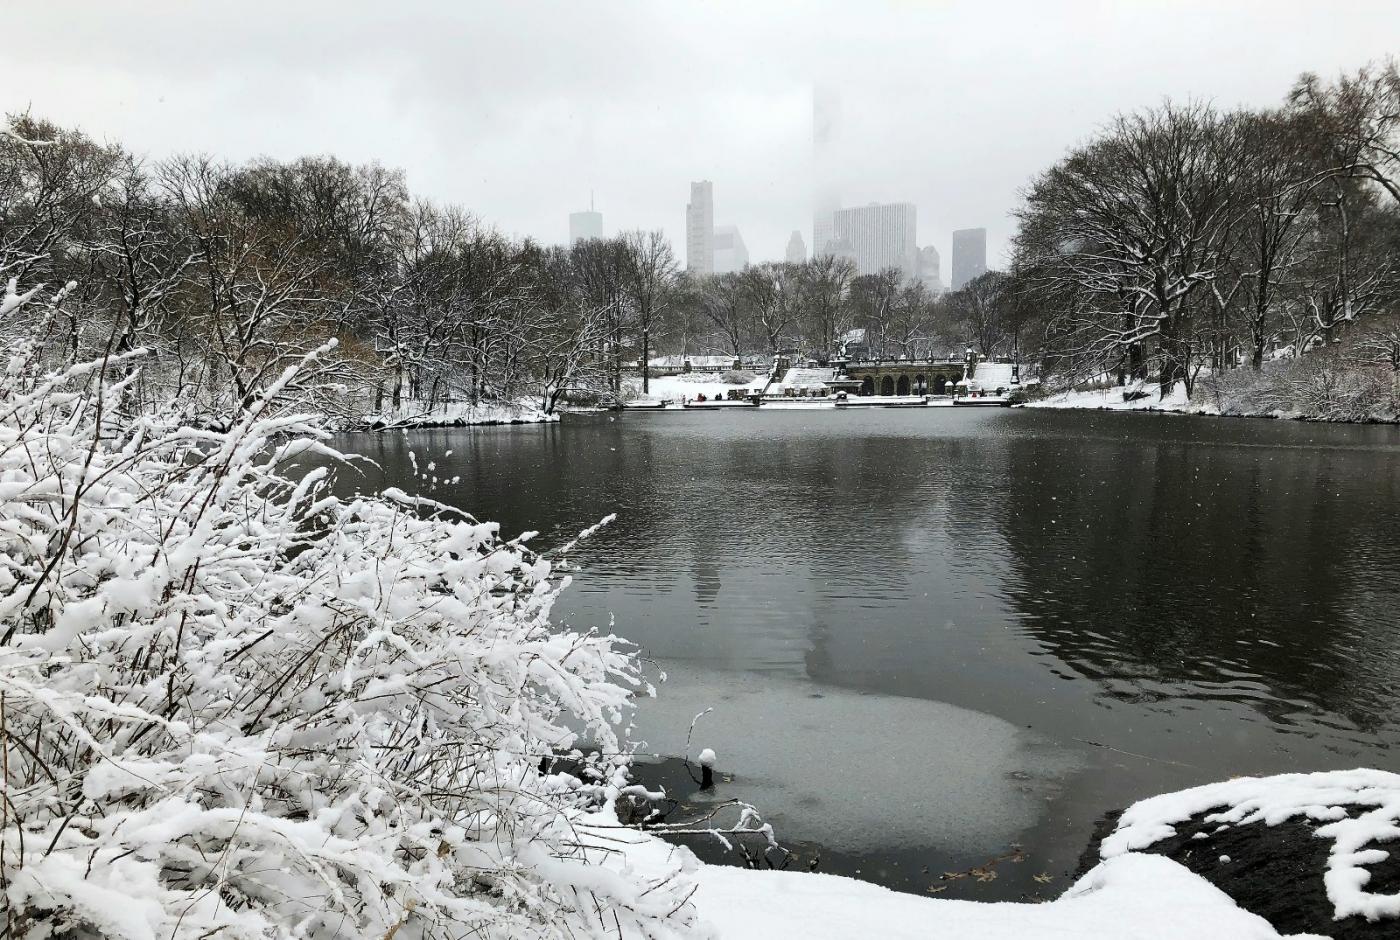 【田螺手机摄影】纽约雪景、还是中央公园最漂亮[二]_图1-14